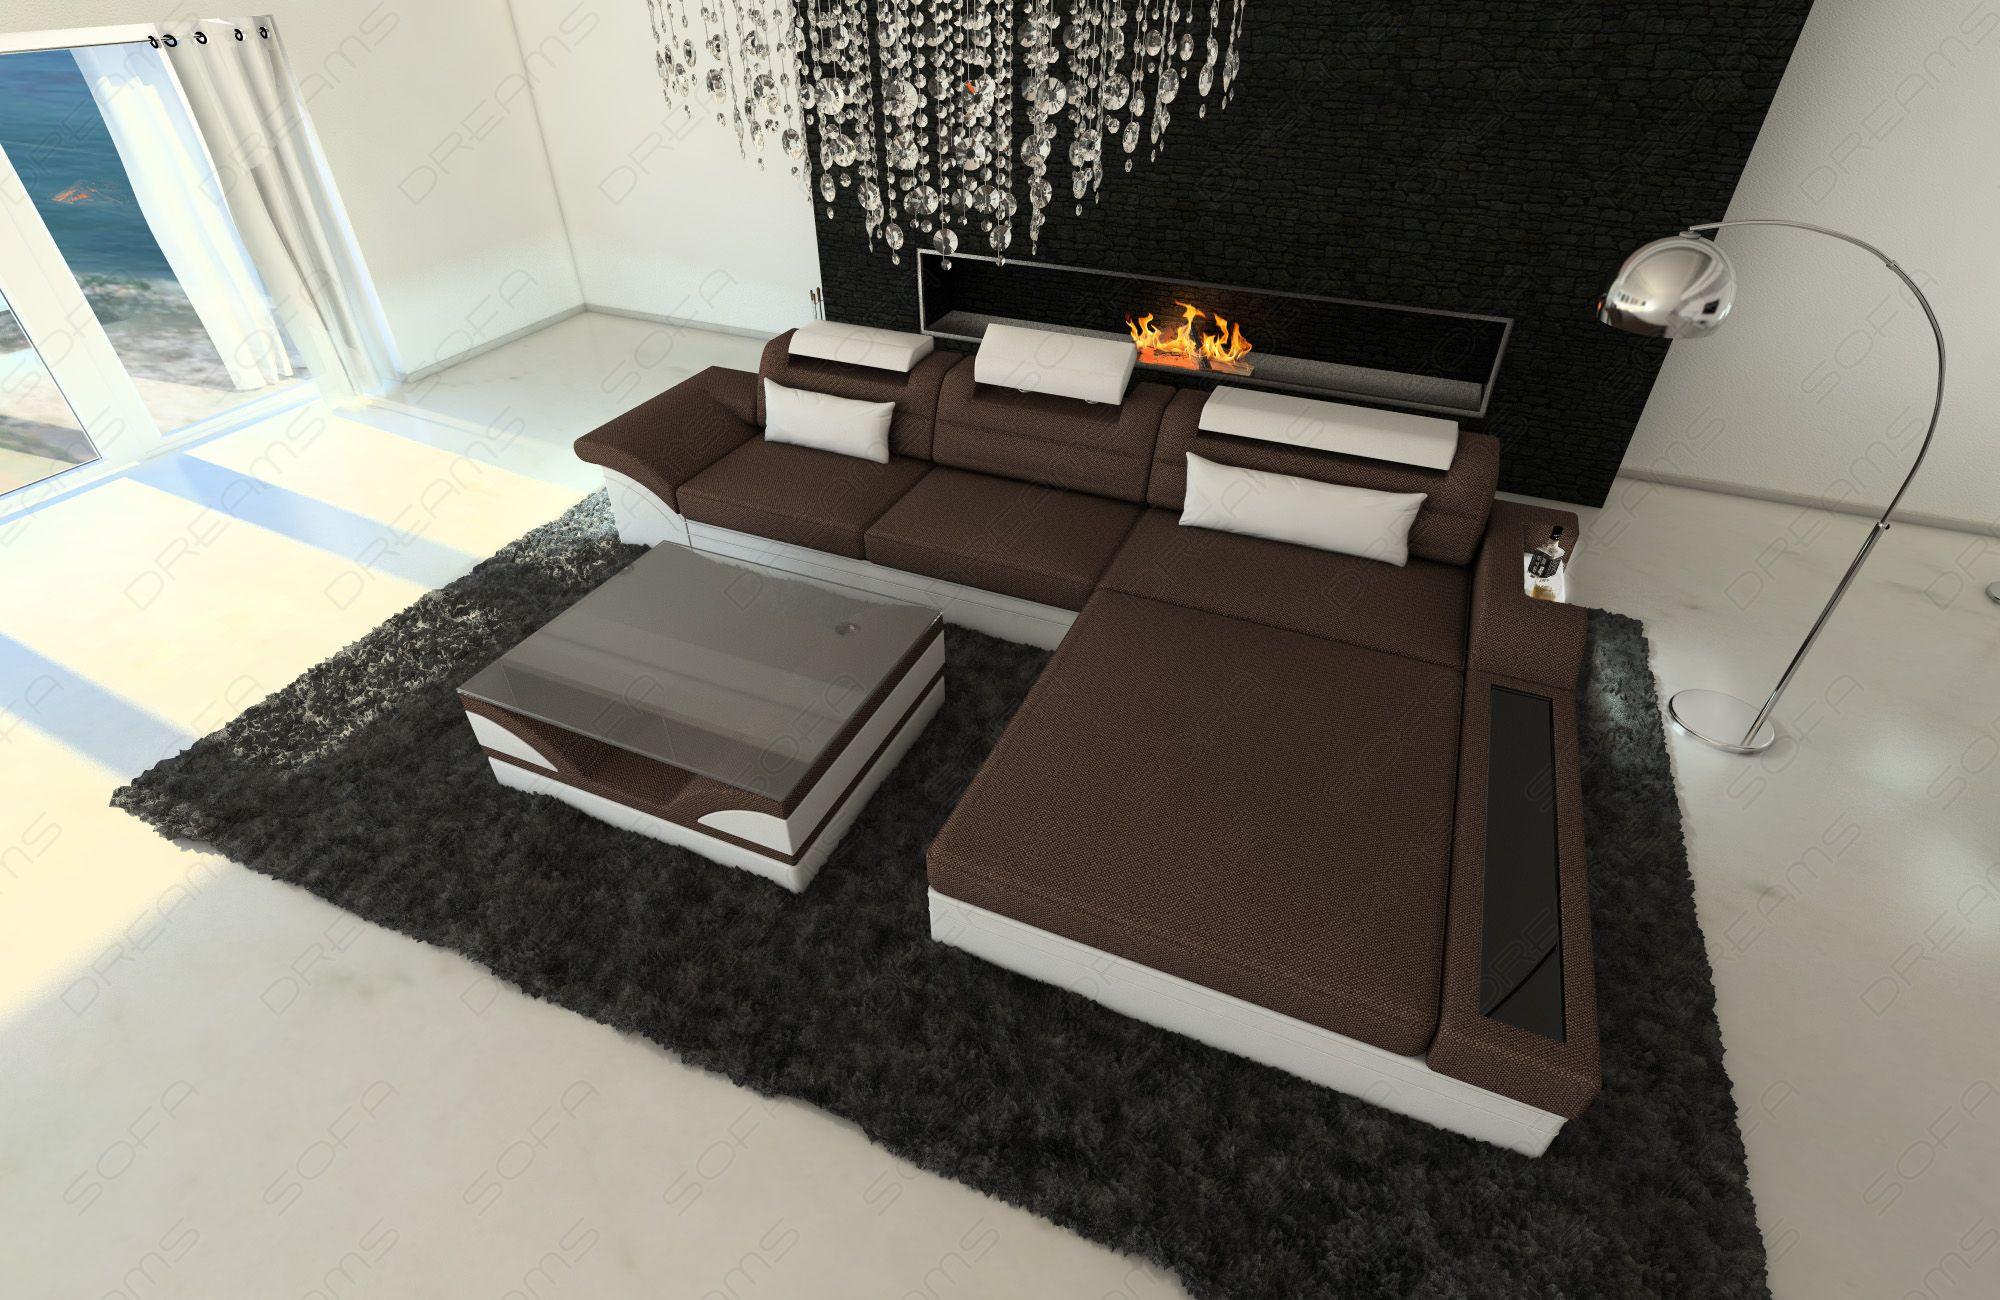 Design Fabric Sofa Orlando L Shaped brown - Hugo 8